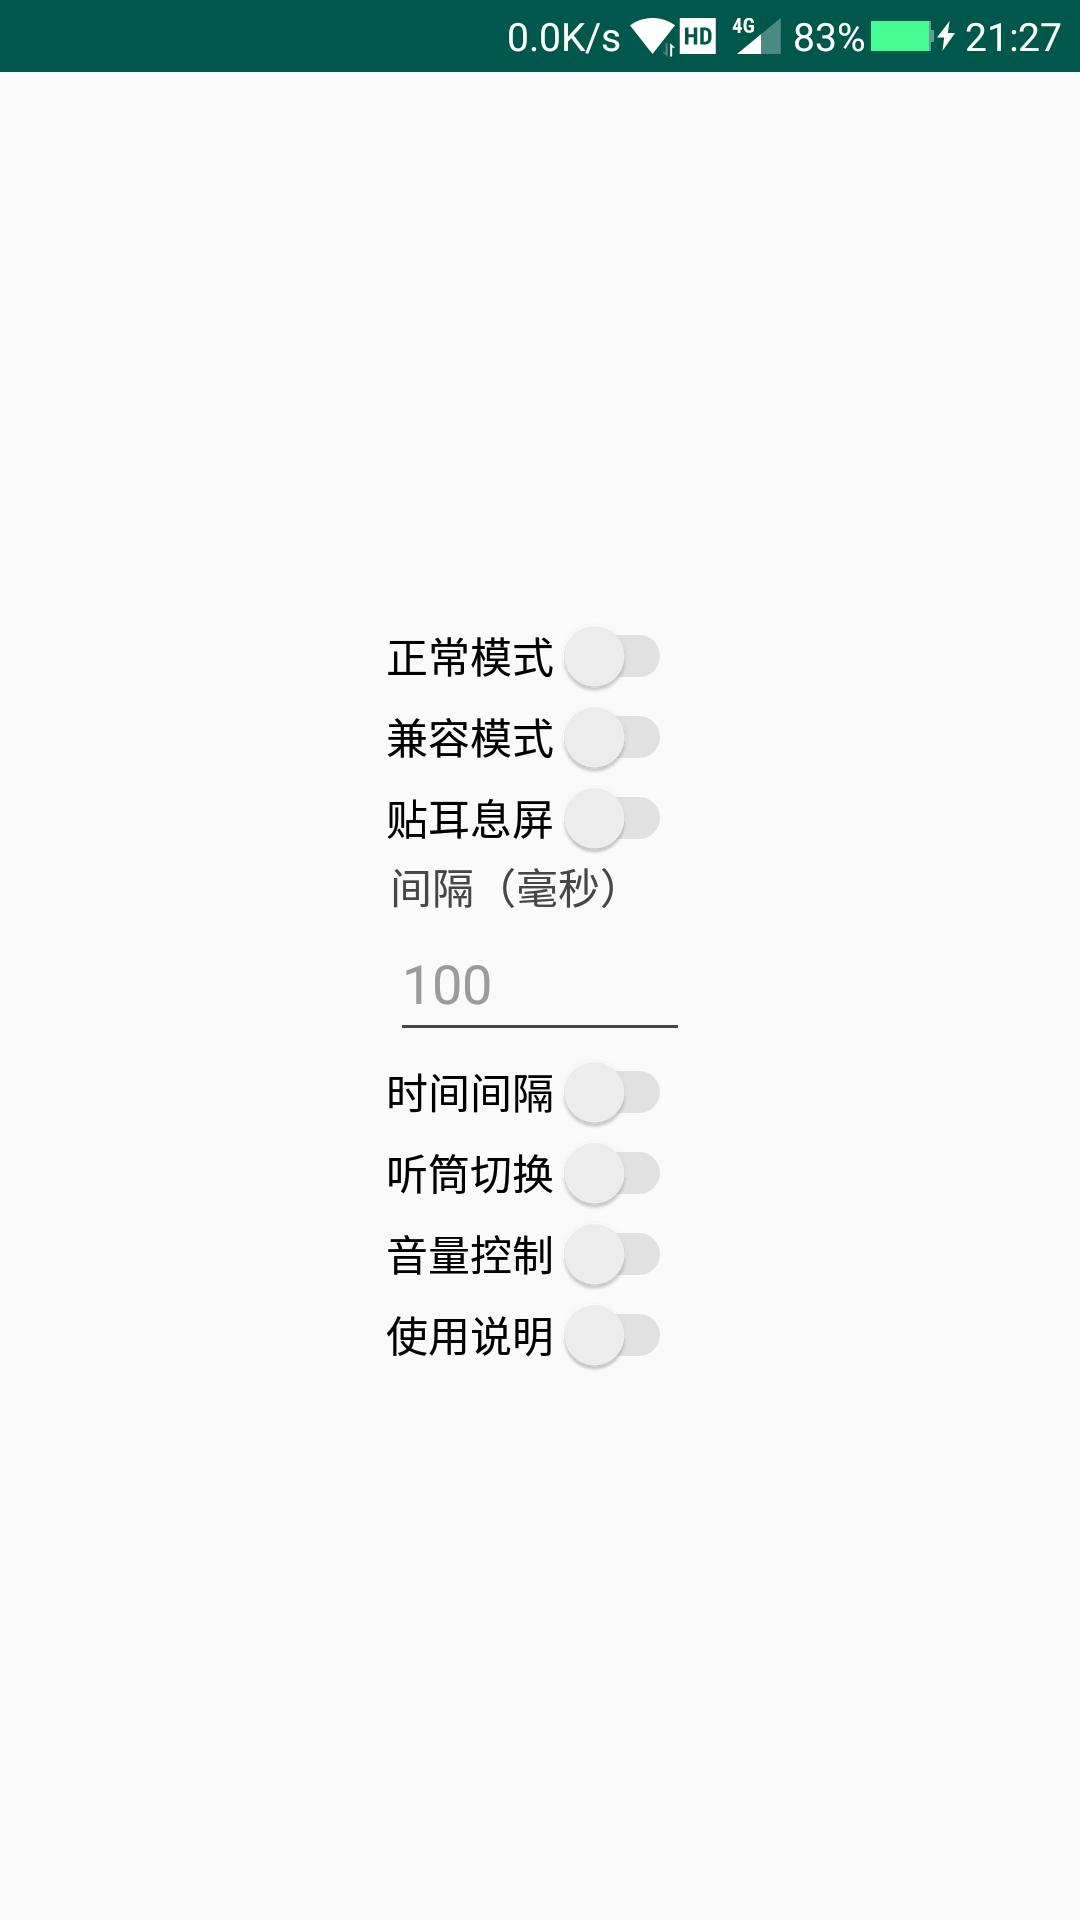 【分享】完全静音 V1.7 Android-爱小助